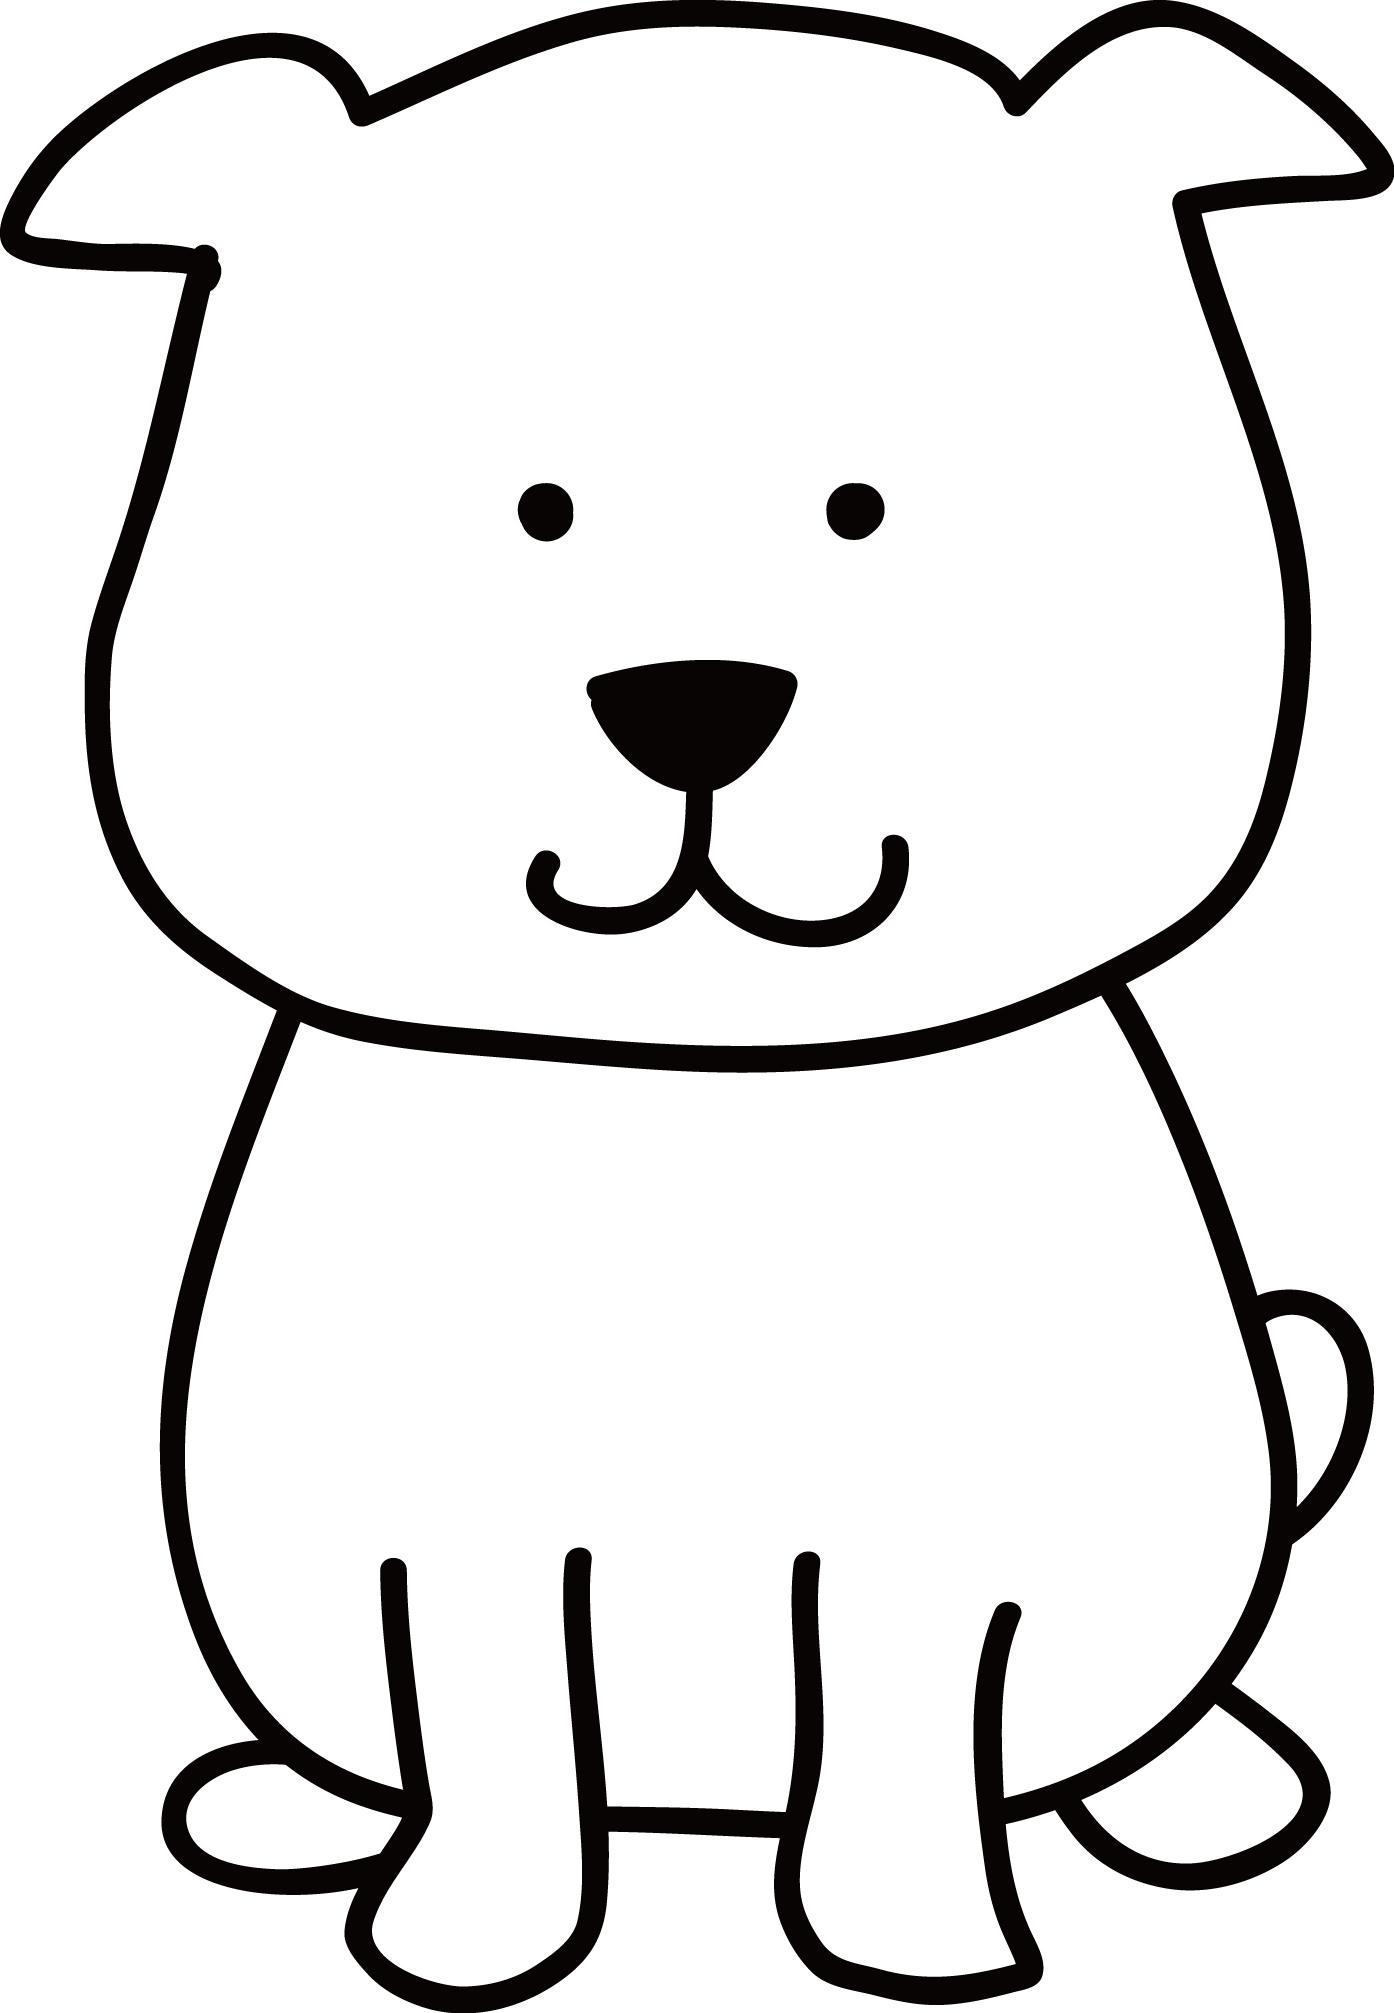 年賀状イラスト素材 戌 いぬ 白い犬ダウンロード かわいい無料イラスト 年賀素材館